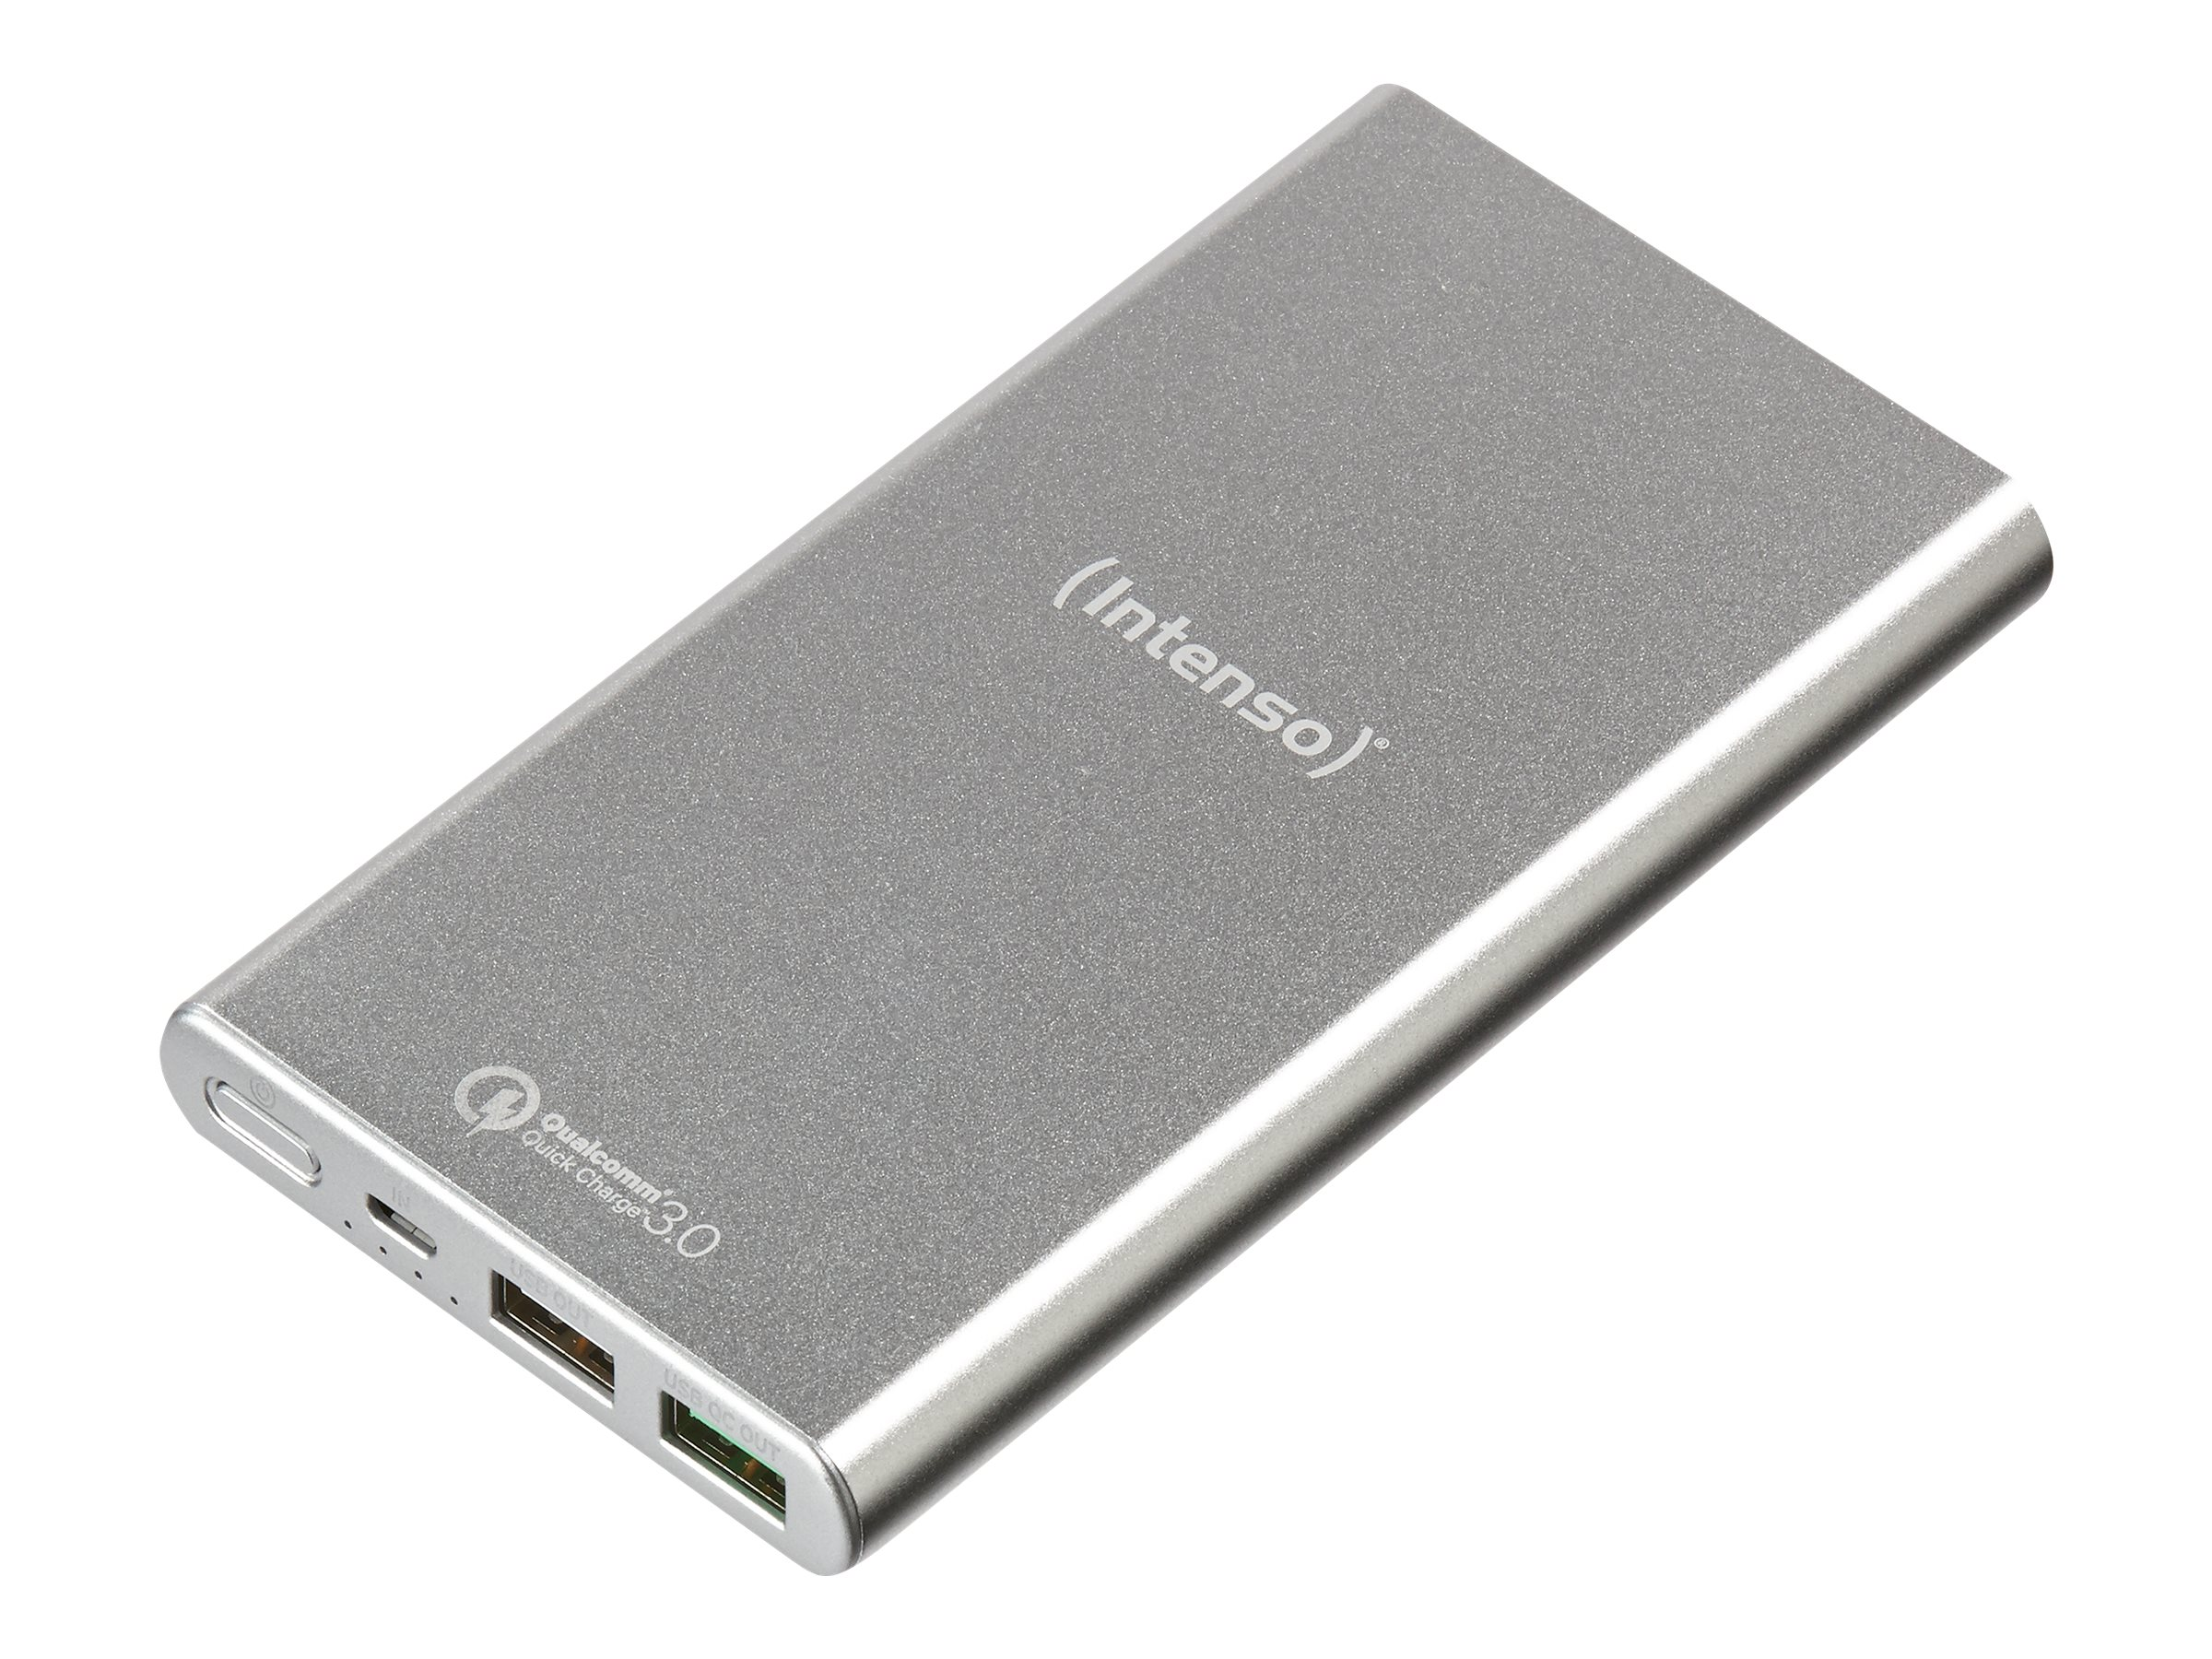 Intenso Powerbank Q10000 - Powerbank - 10000 mAh - 3.1 A - QC 3.0 - 2 Ausgabeanschlussstellen (USB)